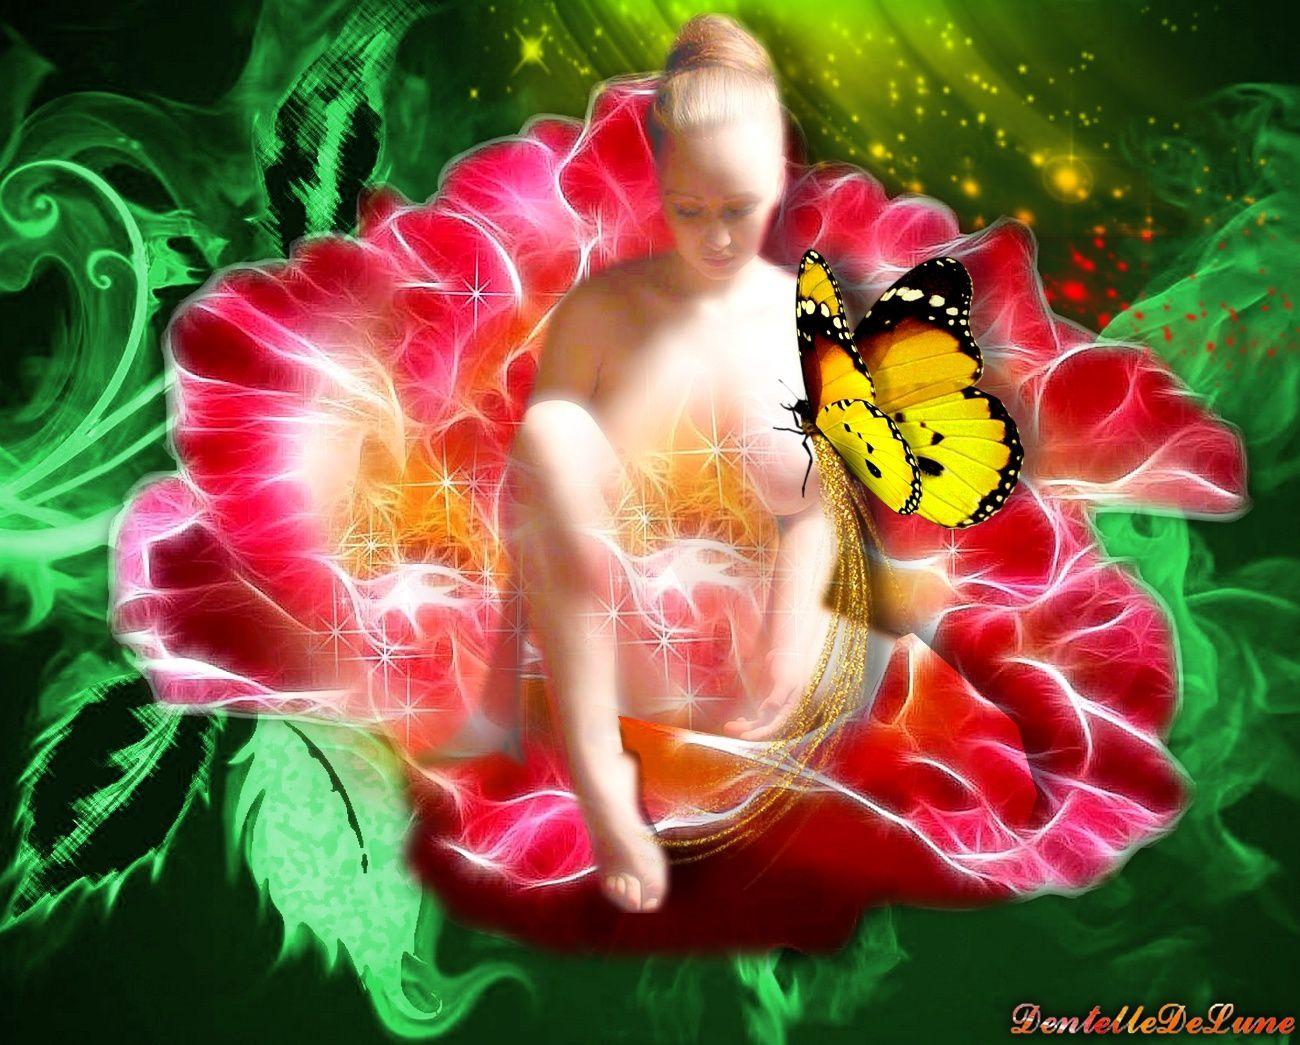 image-femme-sensuelle-fleur-papillon